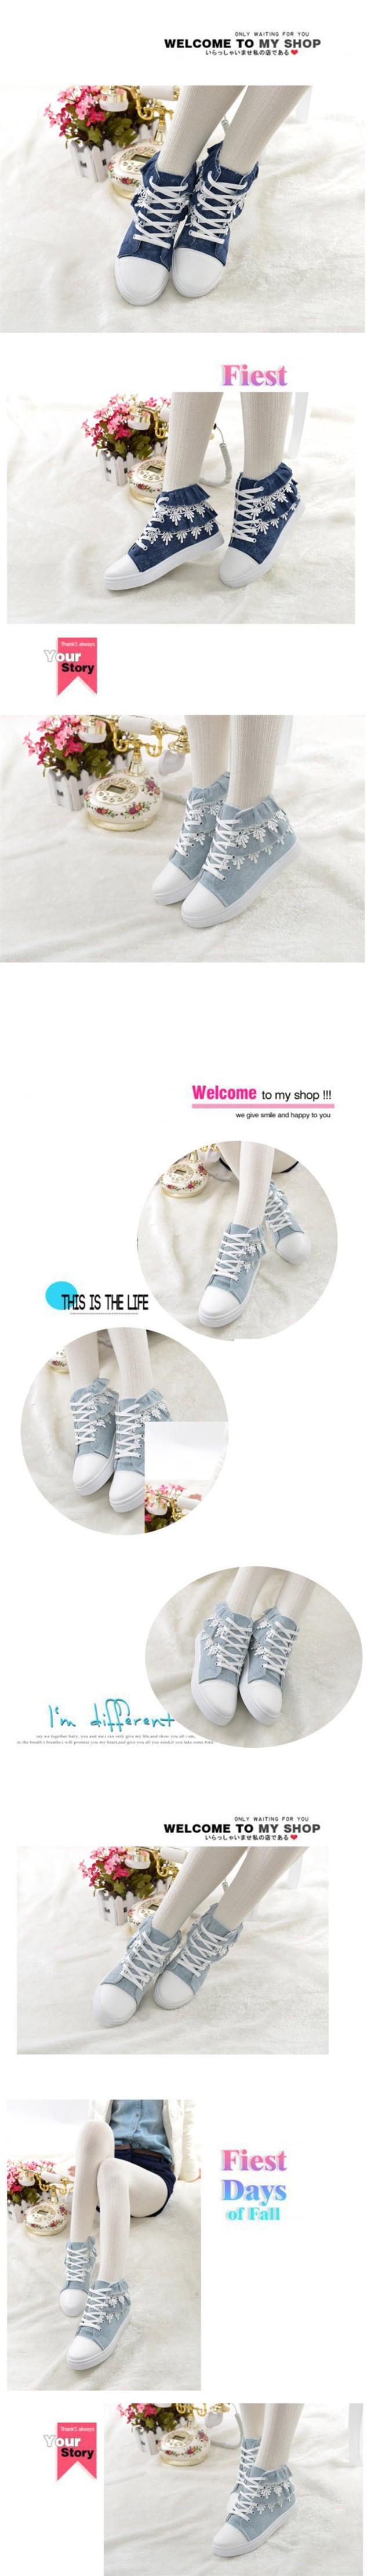 новый цветочные холст туфли для женщин холст кроссовки для женщин бренд резиновые босоножки, бесплатная доставка